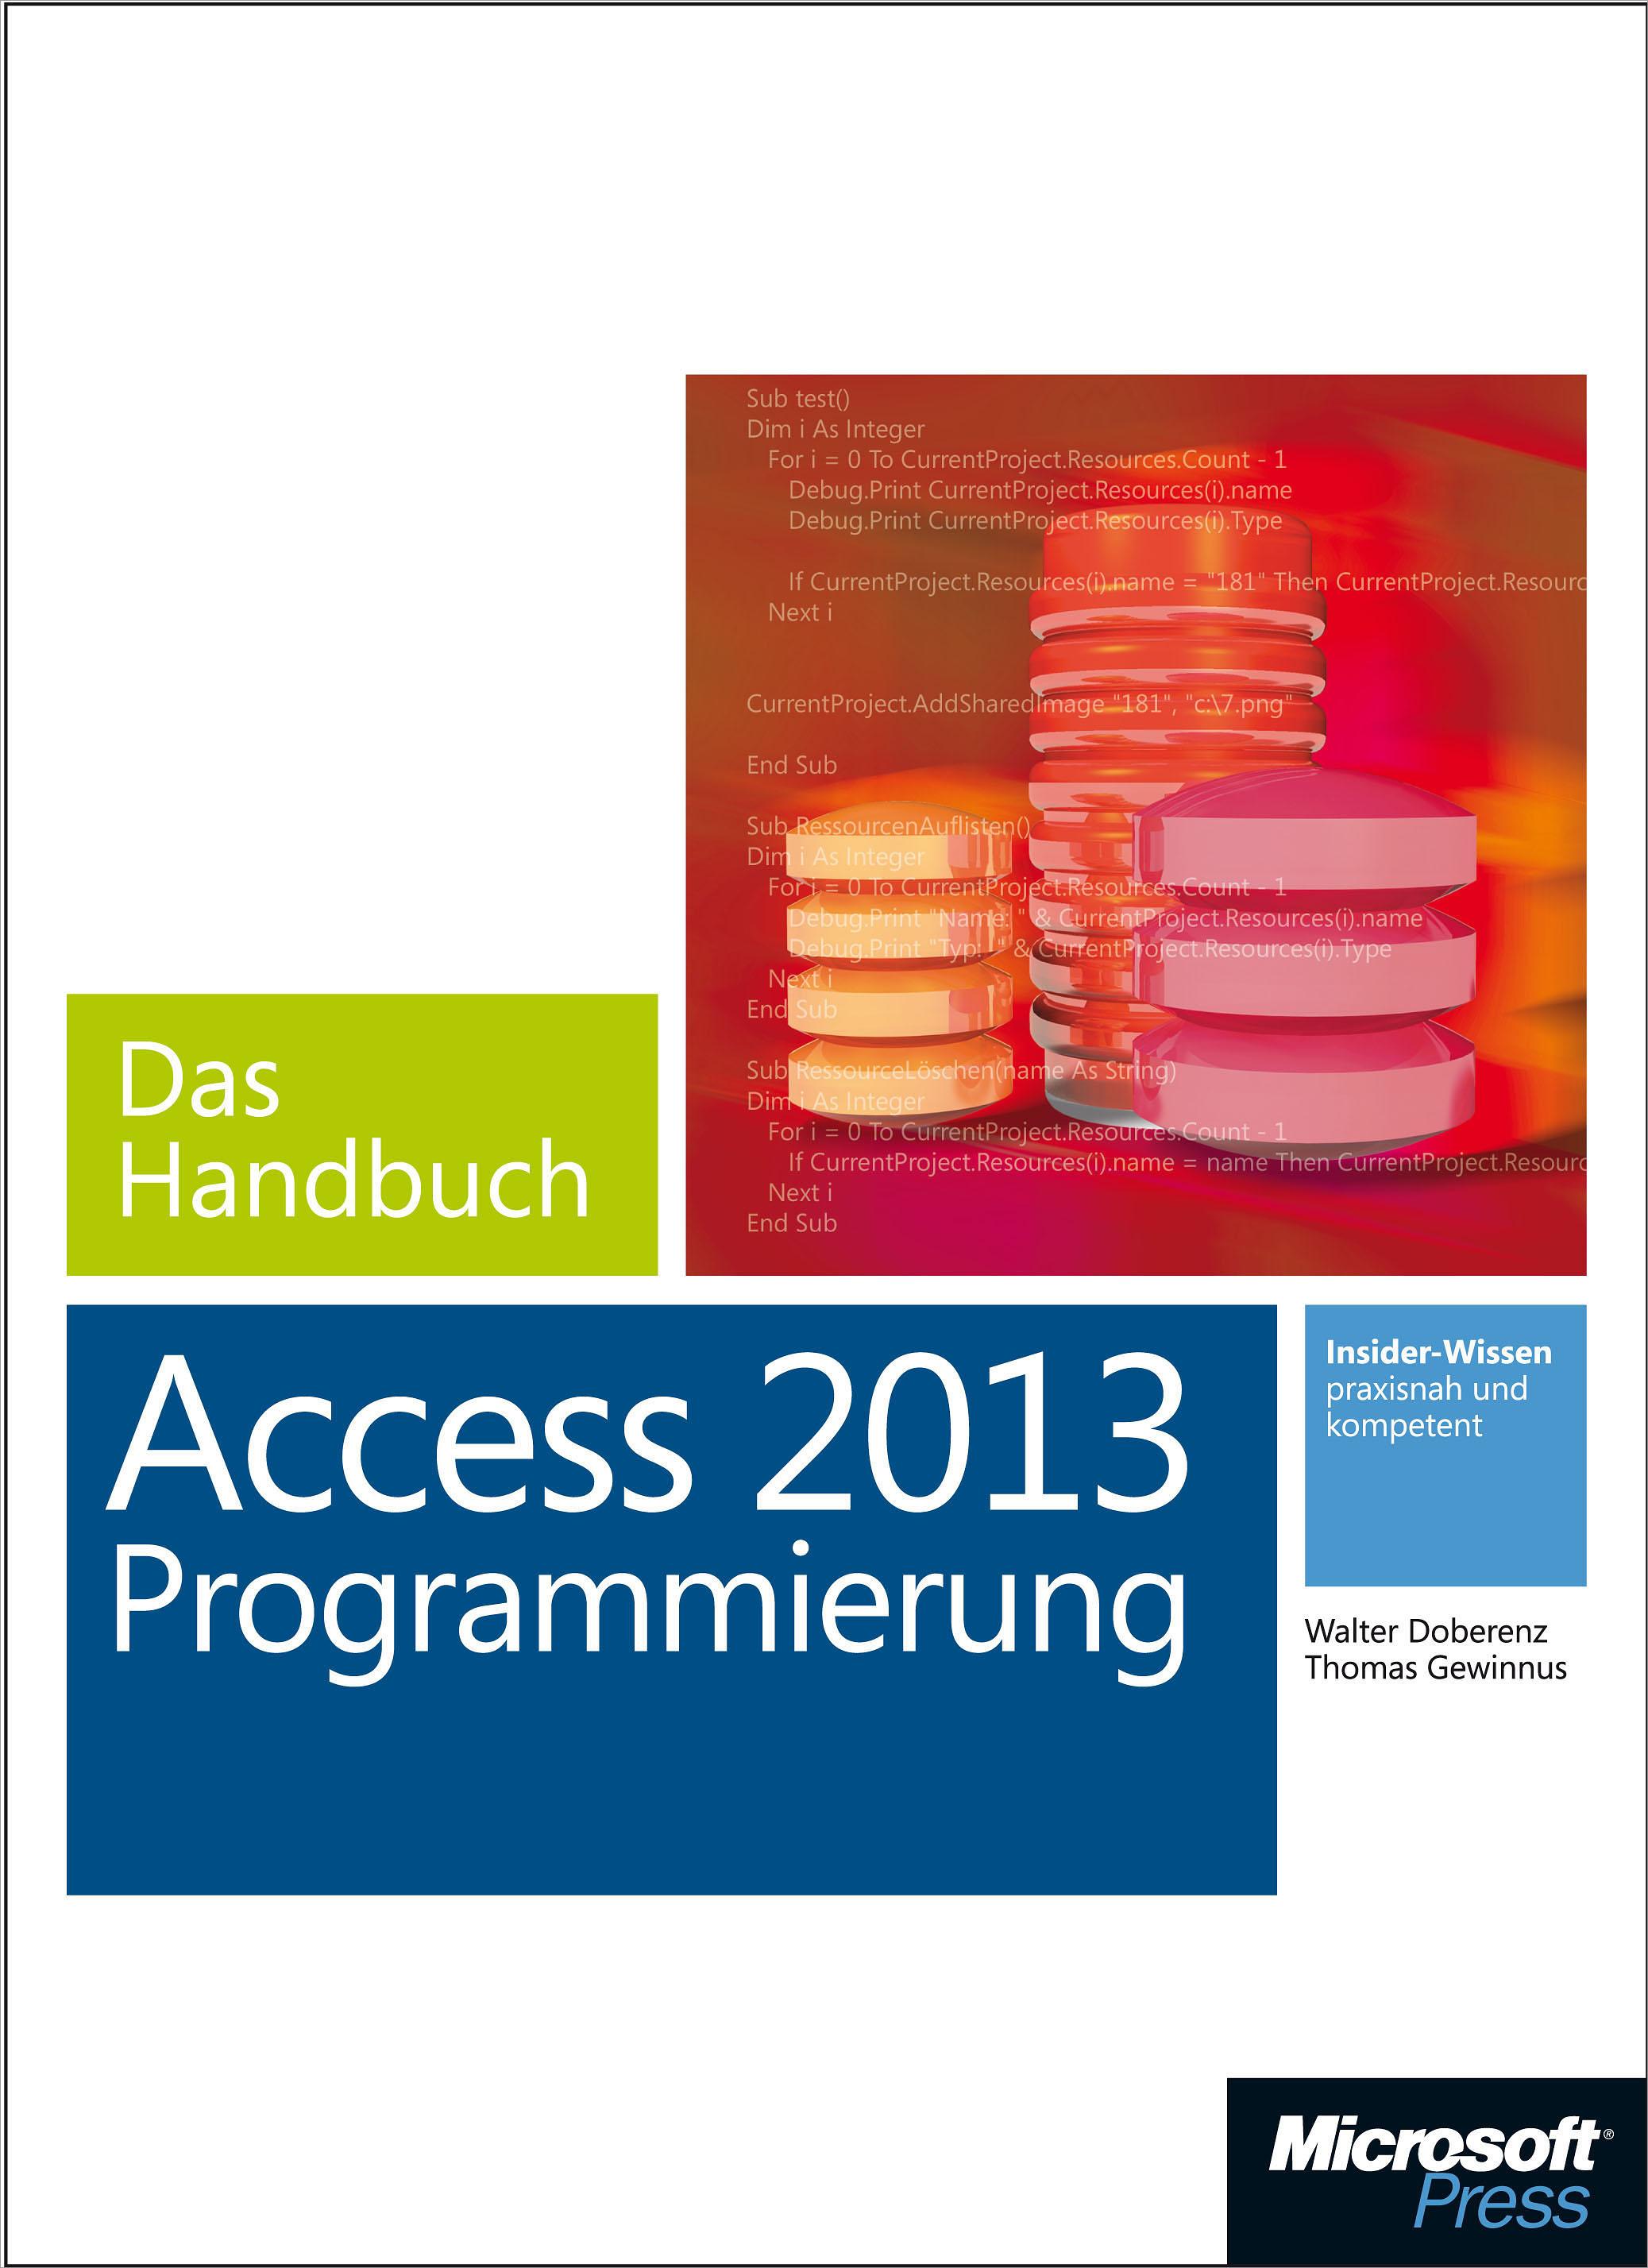 Walter Doberenz Microsoft Access 2013 Programmierung - Das Handbuch ken cook access 2013 for dummies isbn 9781118568644